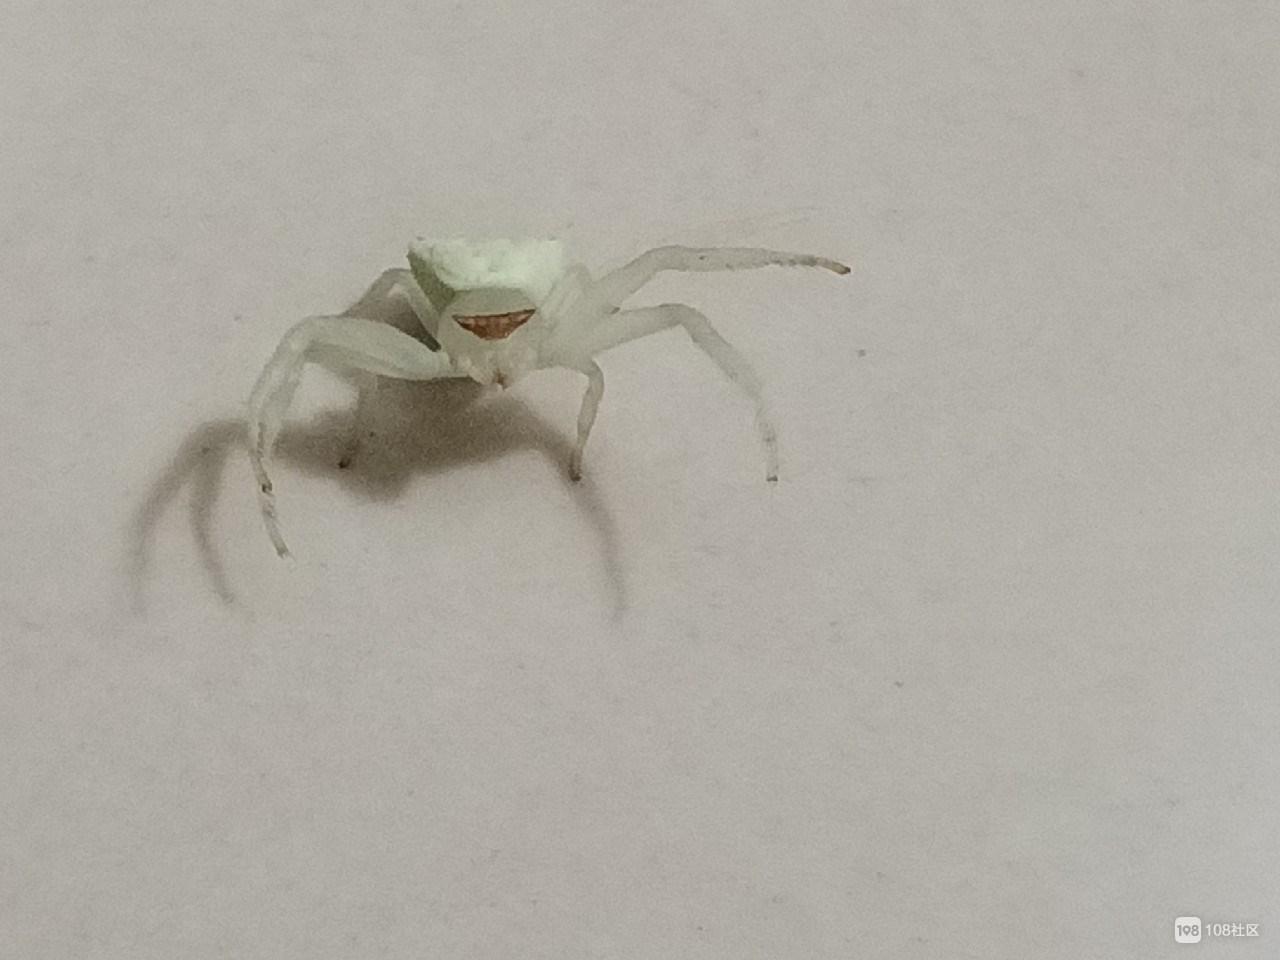 发现新物种?这看着水嫩的奇葩毒蜘蛛你家可能也有!